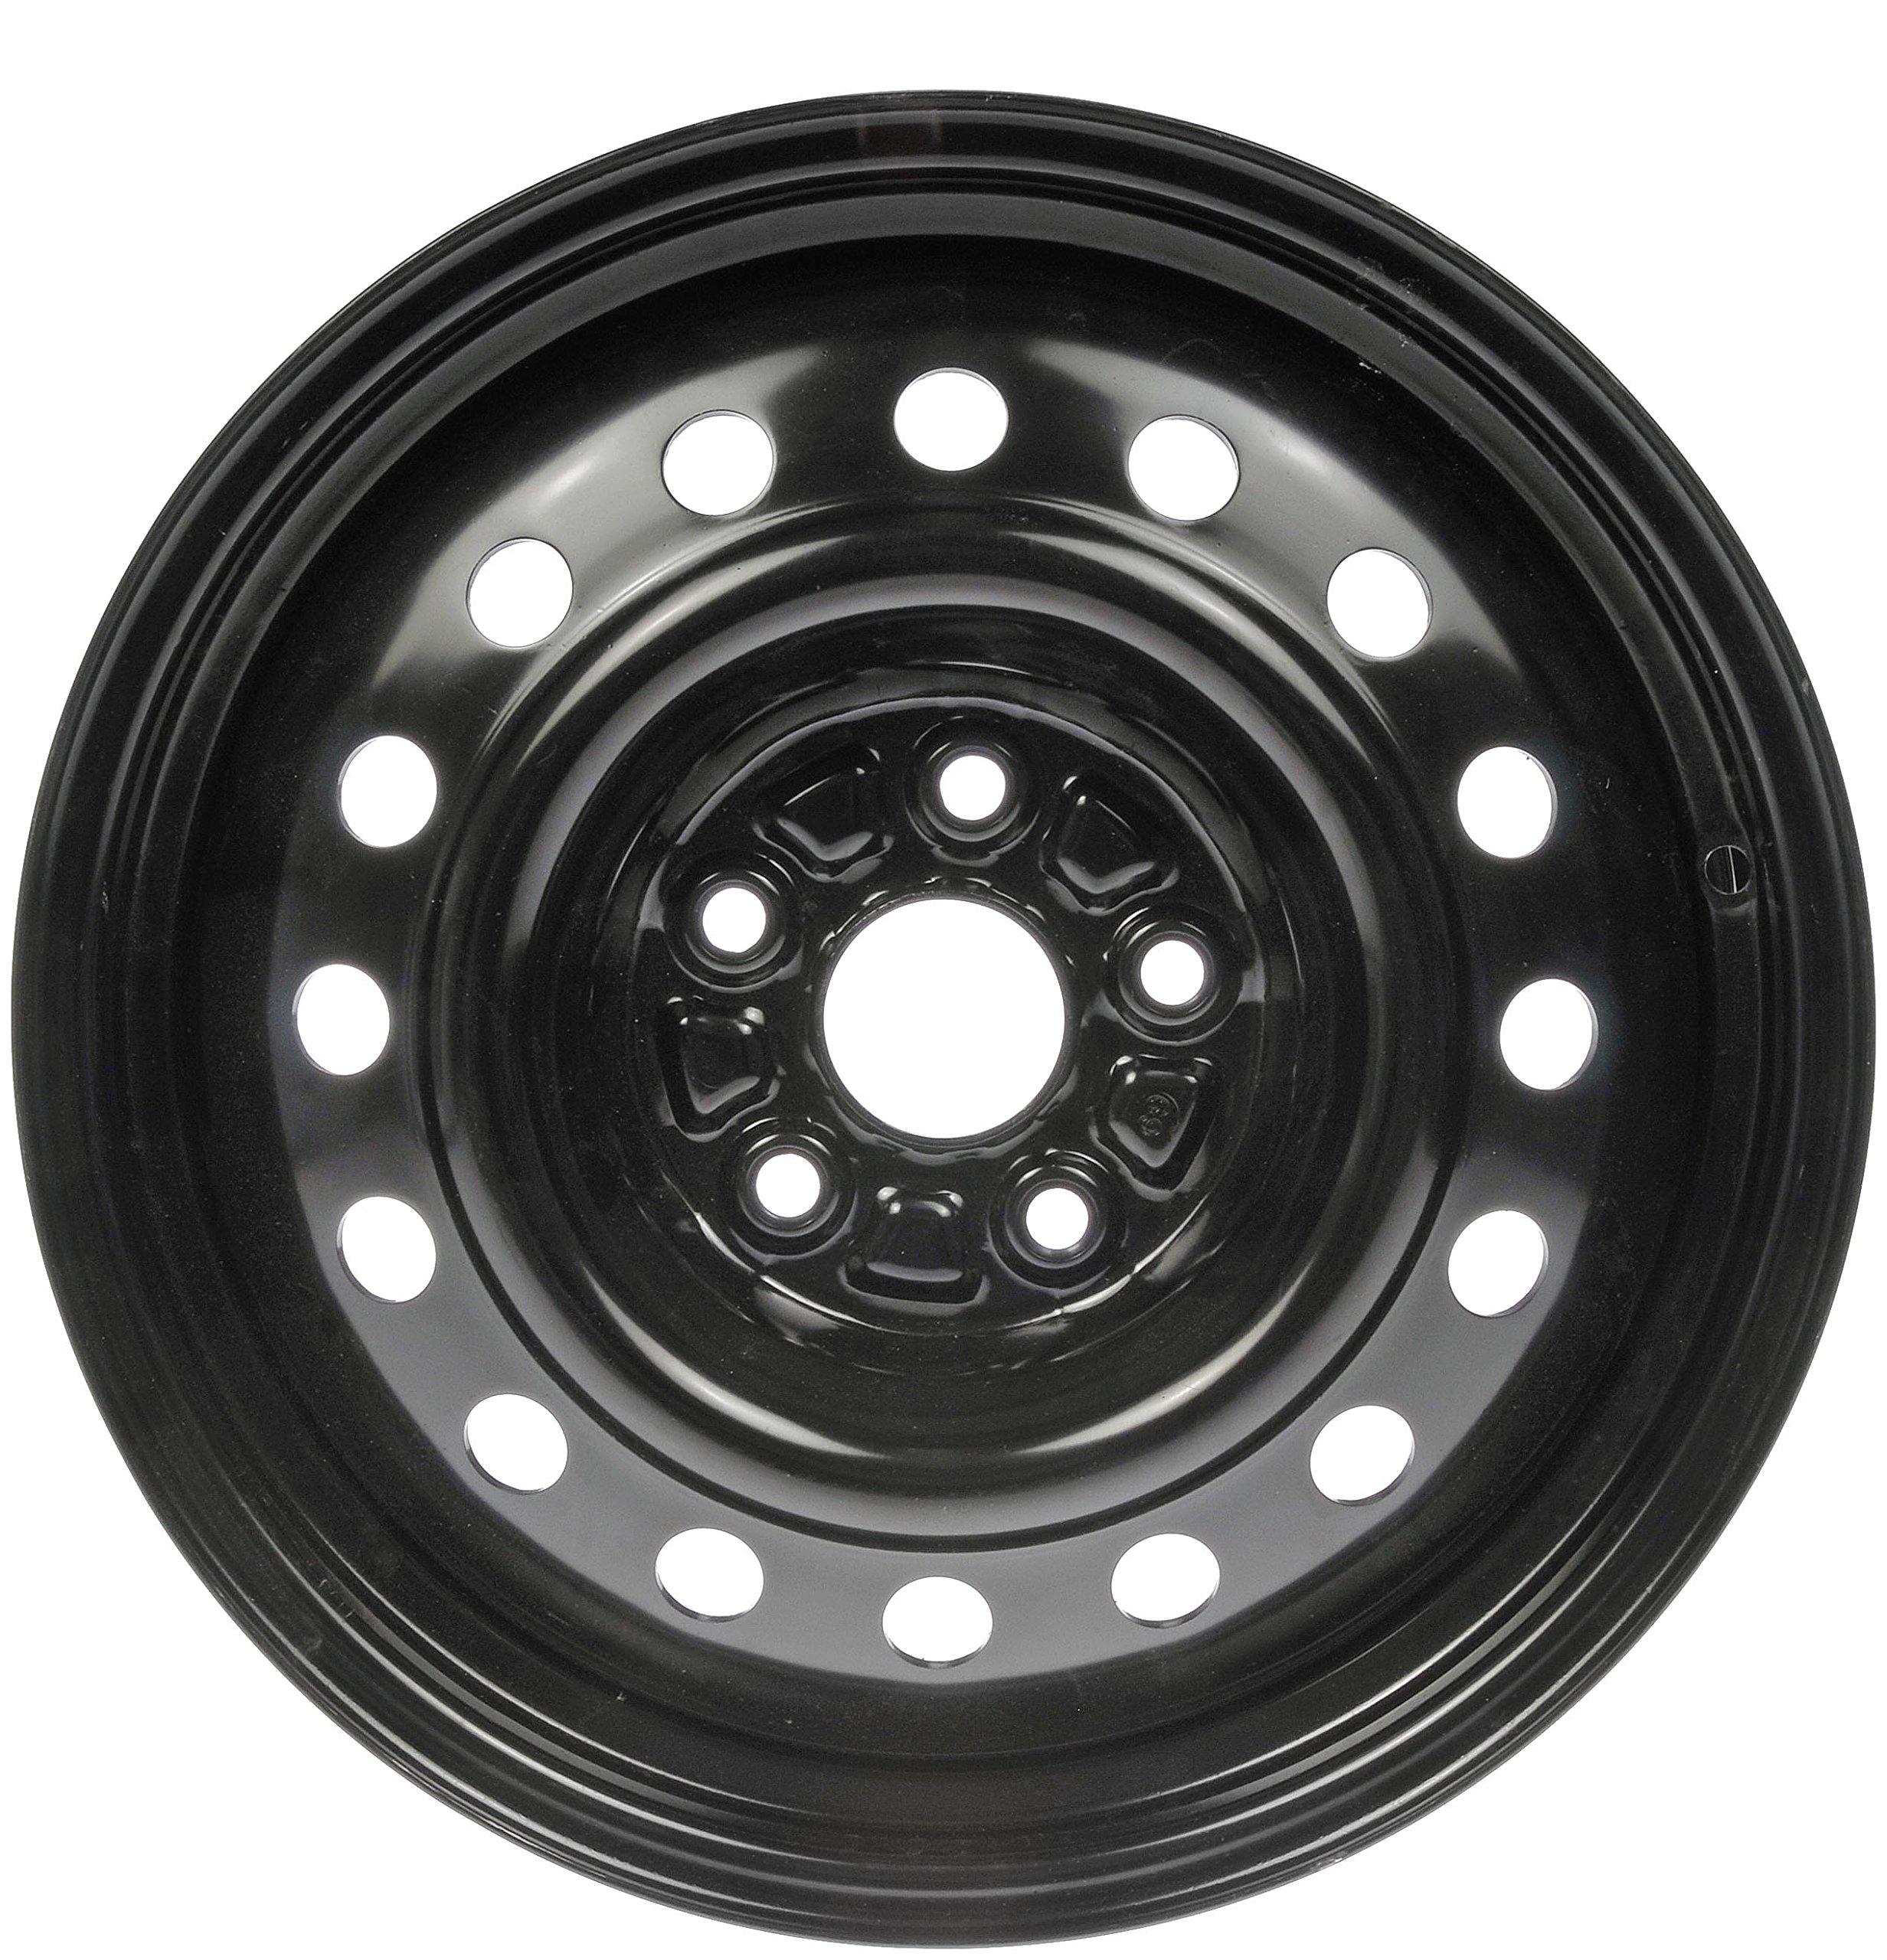 Dorman 939-116 Steel Wheel (16×6.5″/5x112mm)